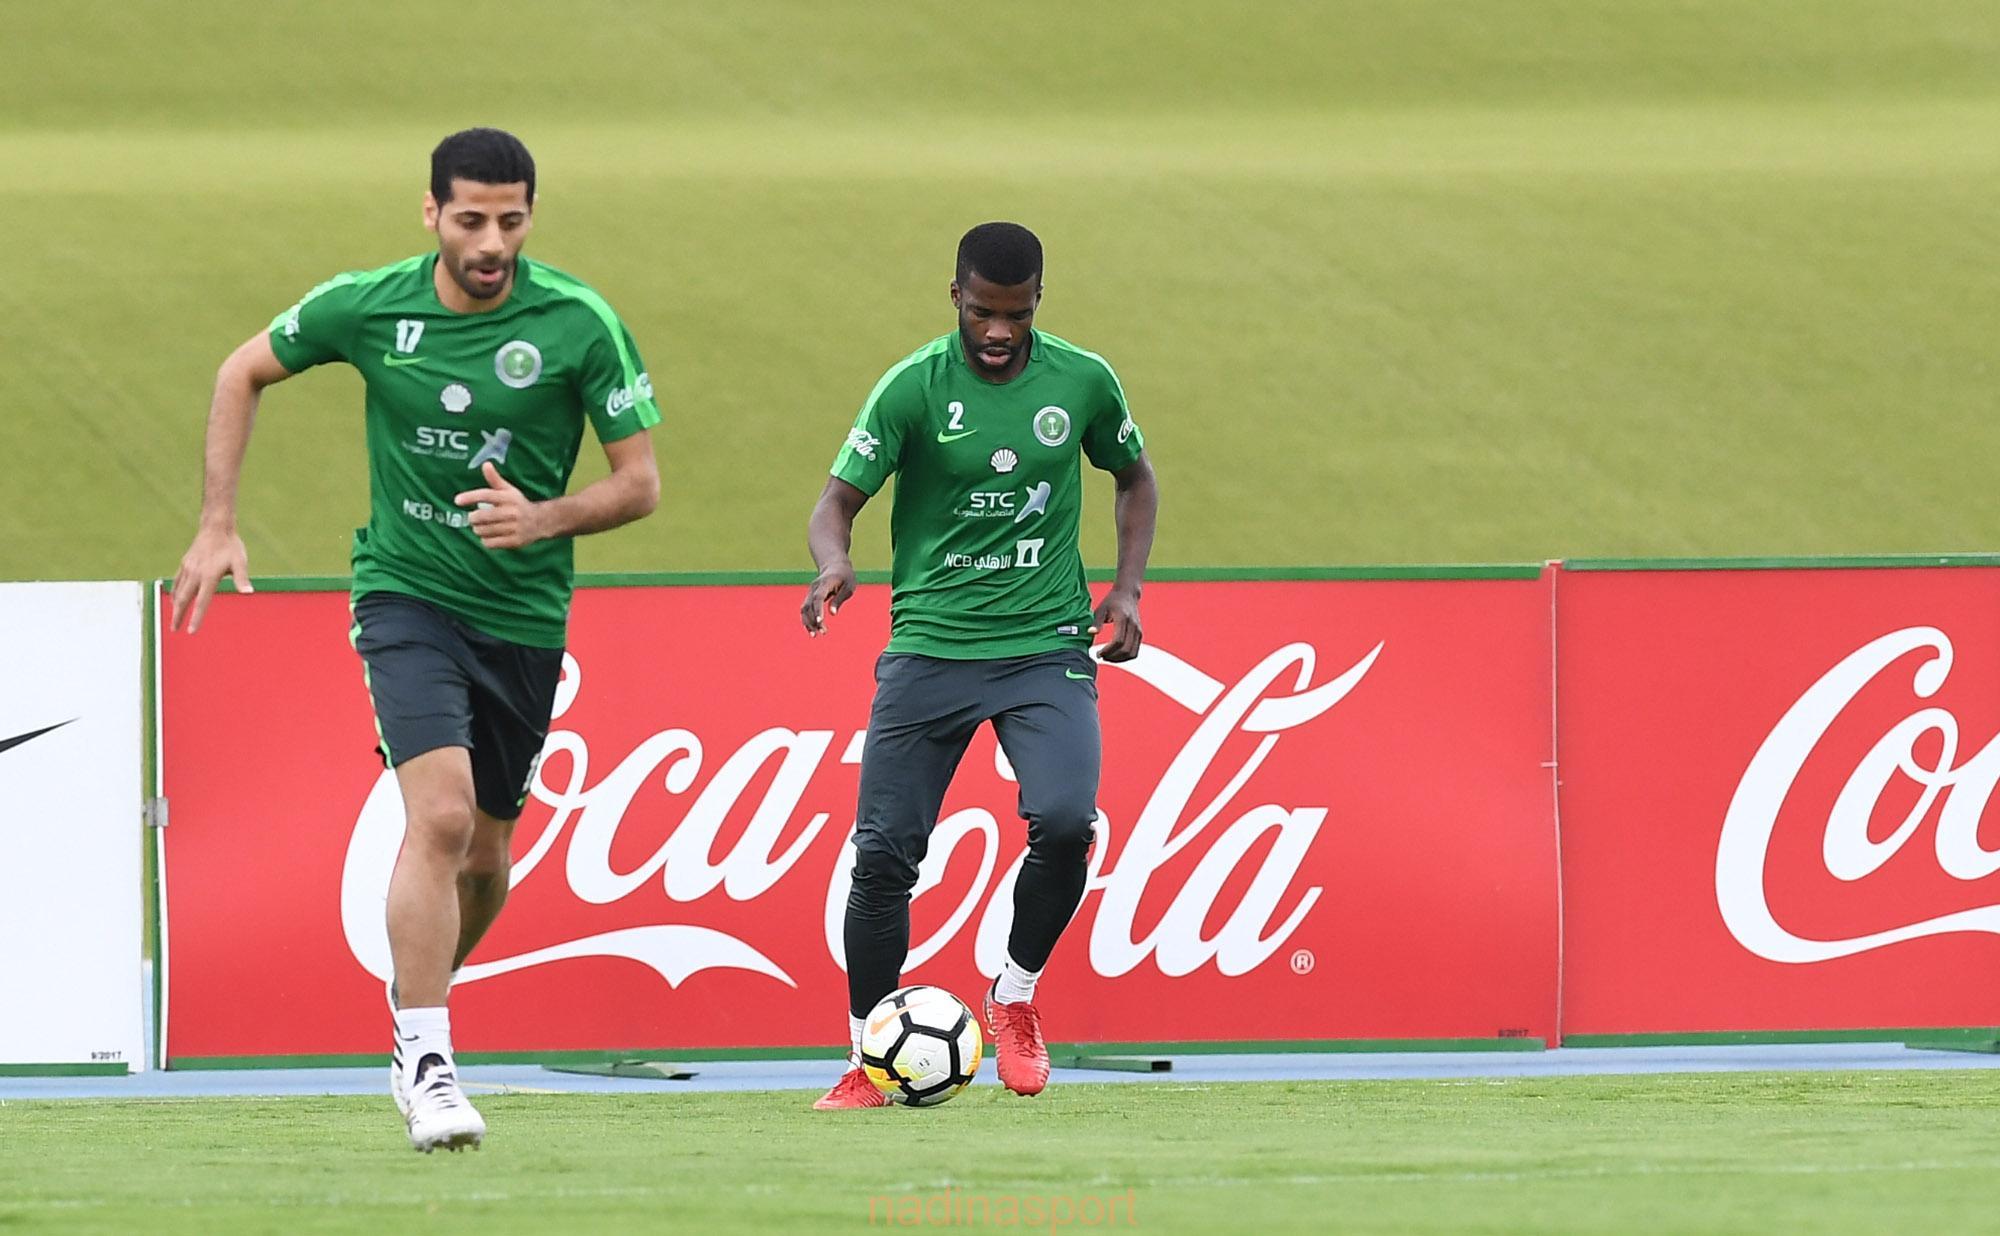 المنتخب الوطني يواجه الاتحاد في مناورة ودية وبيتزي يعقد اجتماعًا فنيًا مع اللاعبين